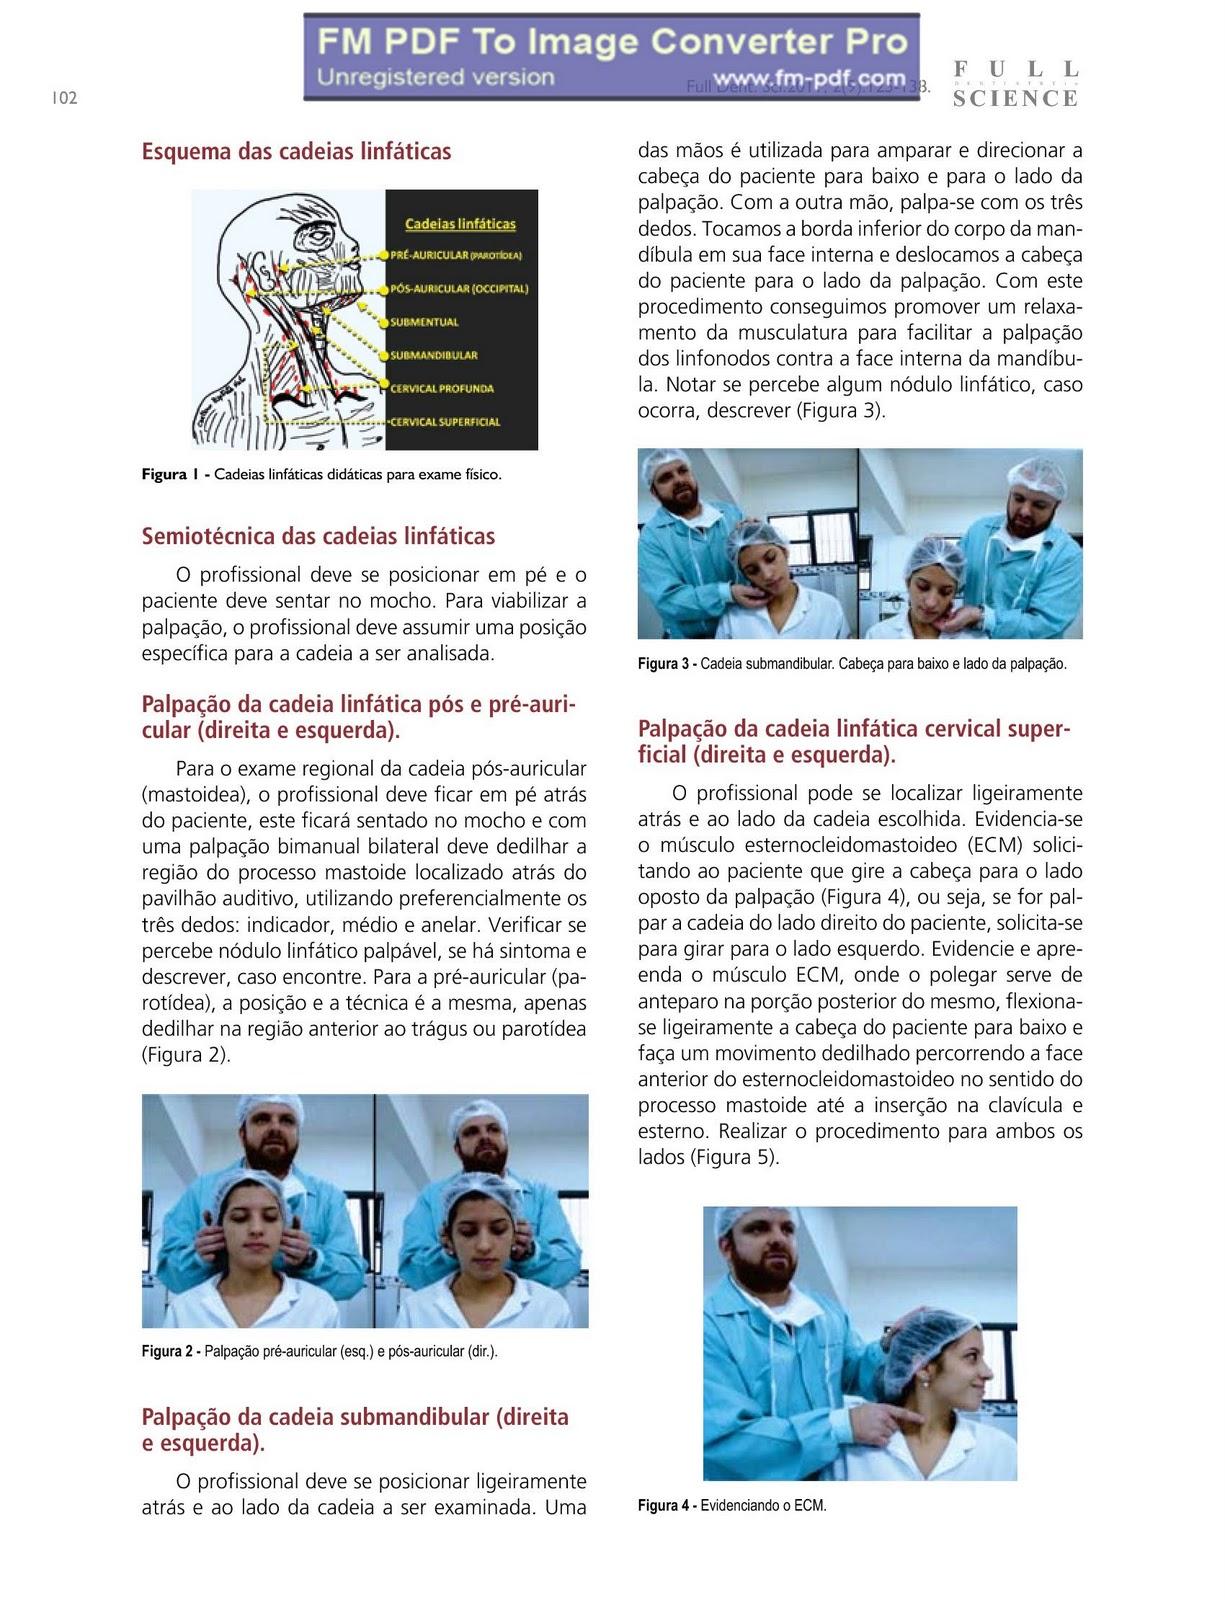 Artigo cientifico publicado em revista